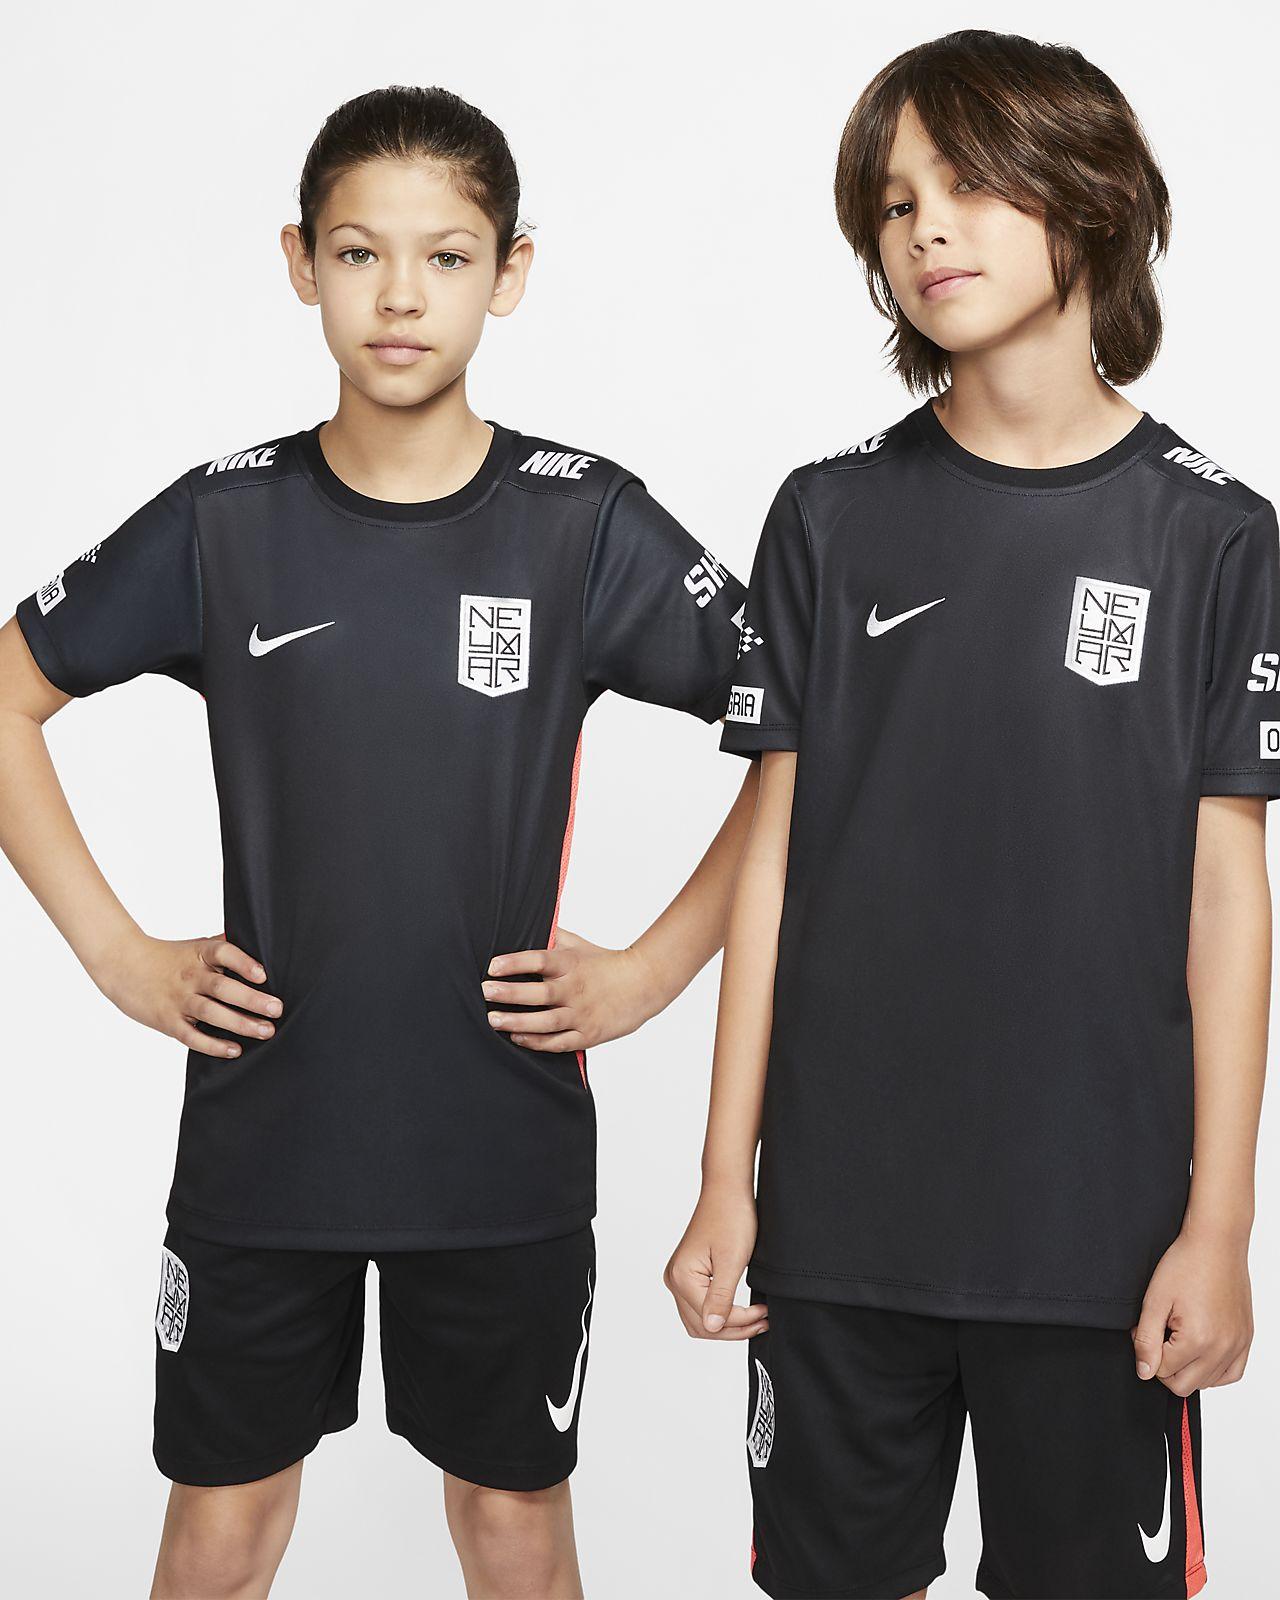 Fotbalové tričko s krátkým rukávem Nike Dri-FIT Neymar Jr. pro větší děti